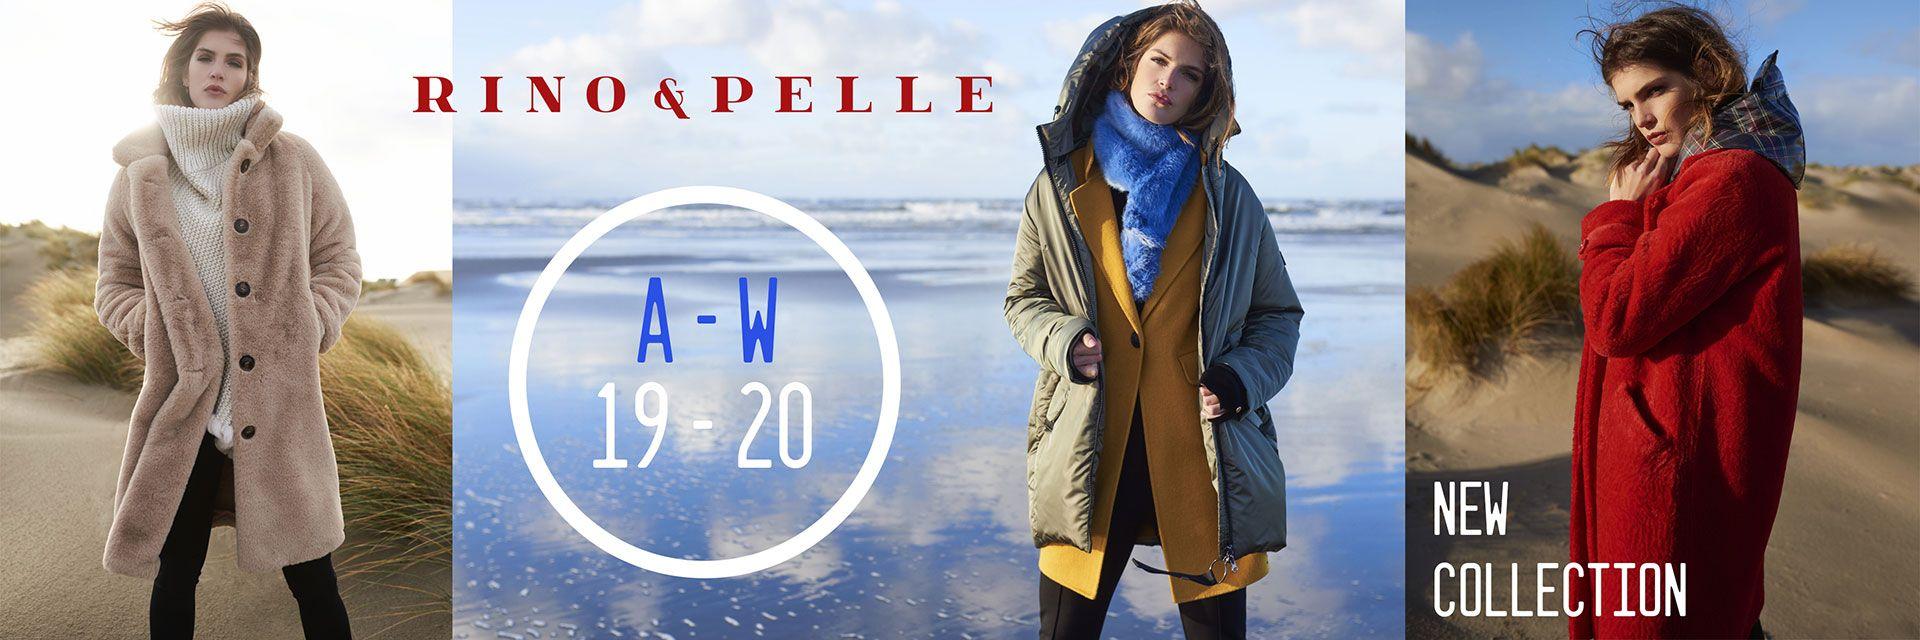 RINO&PELLE Kolekce Podzim Zima 2019/2020